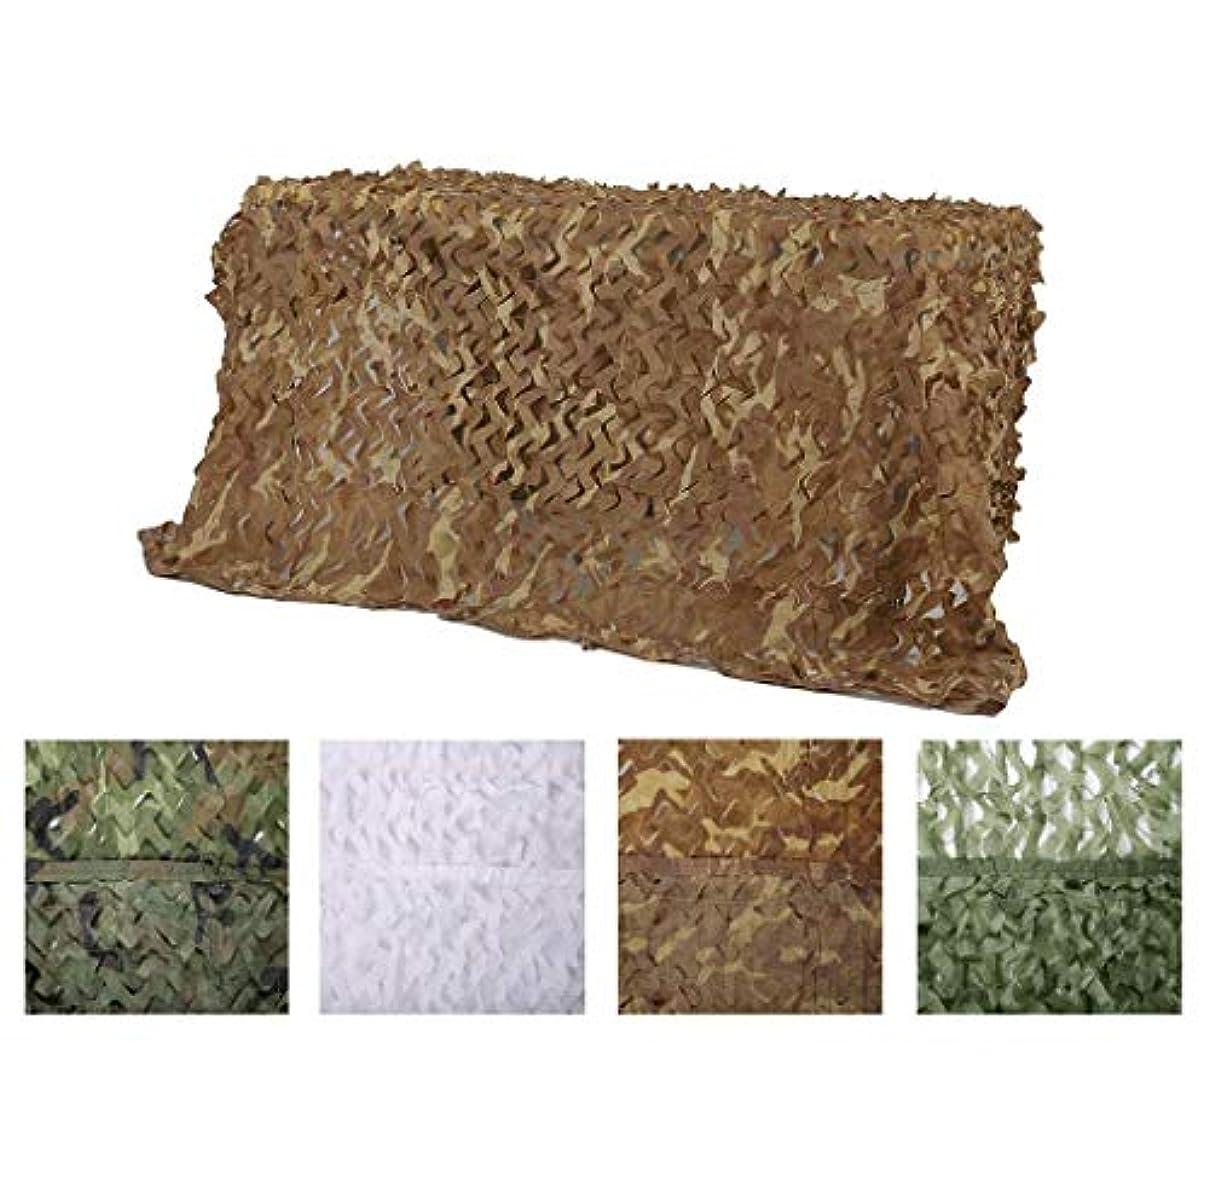 剃る嵐が丘主人4×5メートル迷彩ネット日焼け止めバイザーグリーン迷彩ベネチアンブラインド偽葉迷彩狩猟隠し屋外ガーデンサイト写真装飾様々な色をカスタマイズすることができます (Color : Desert, Size : 6*6m(16*19ft))